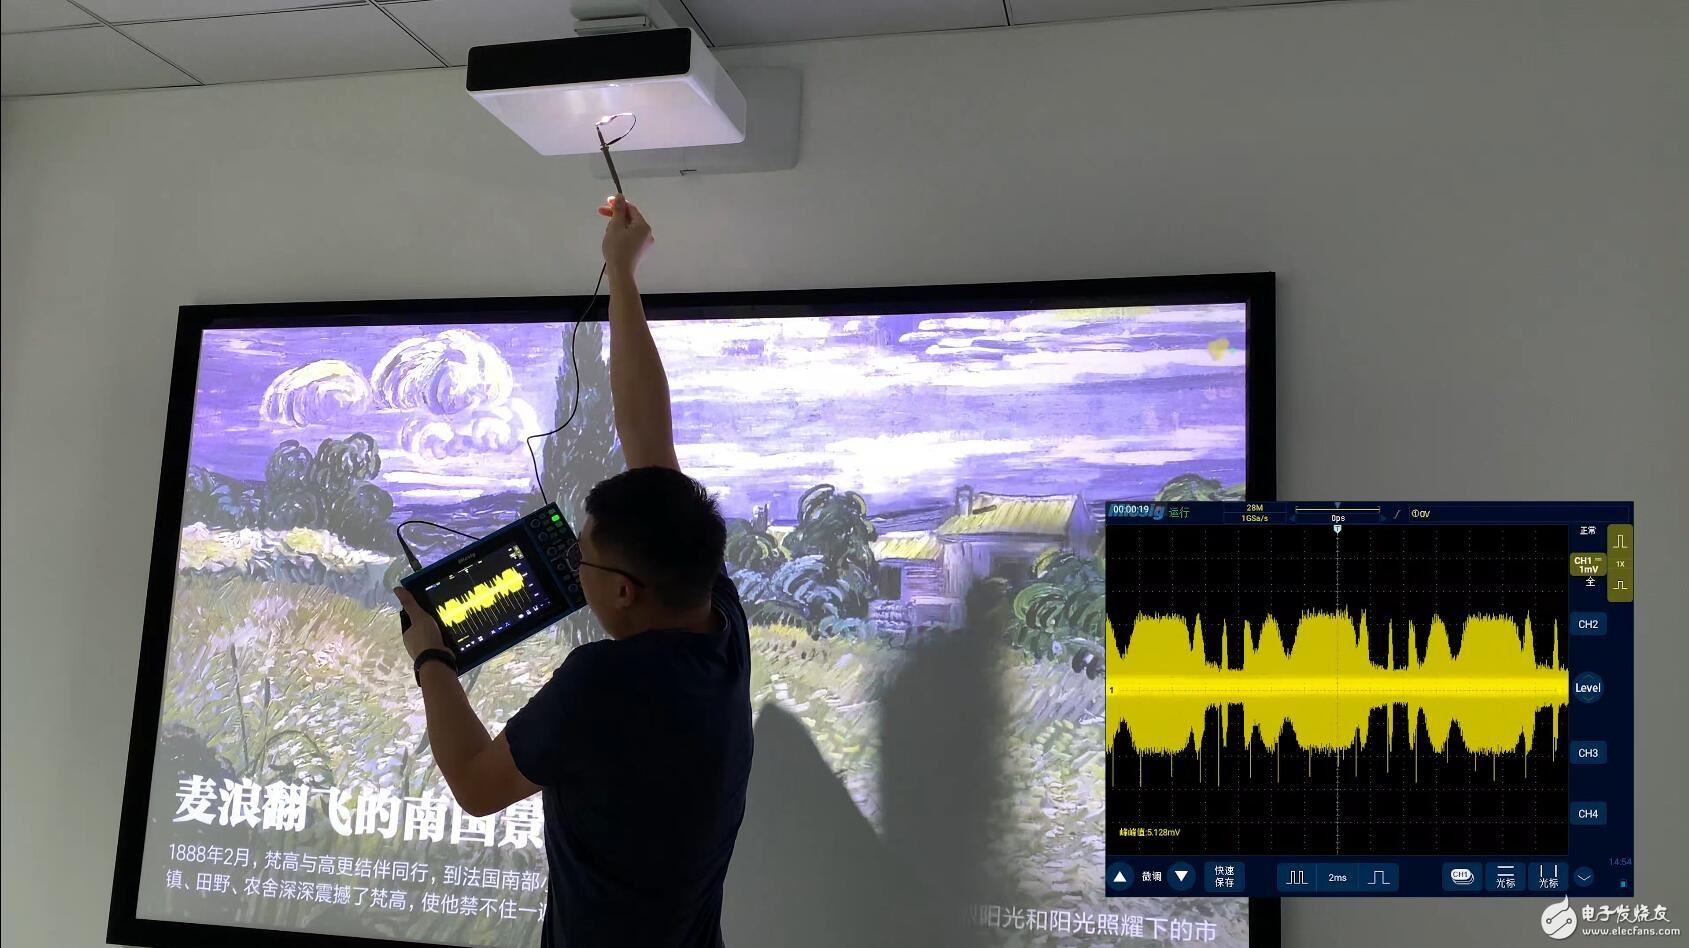 示波器和其环境周围的噪声及减小干扰设置方法